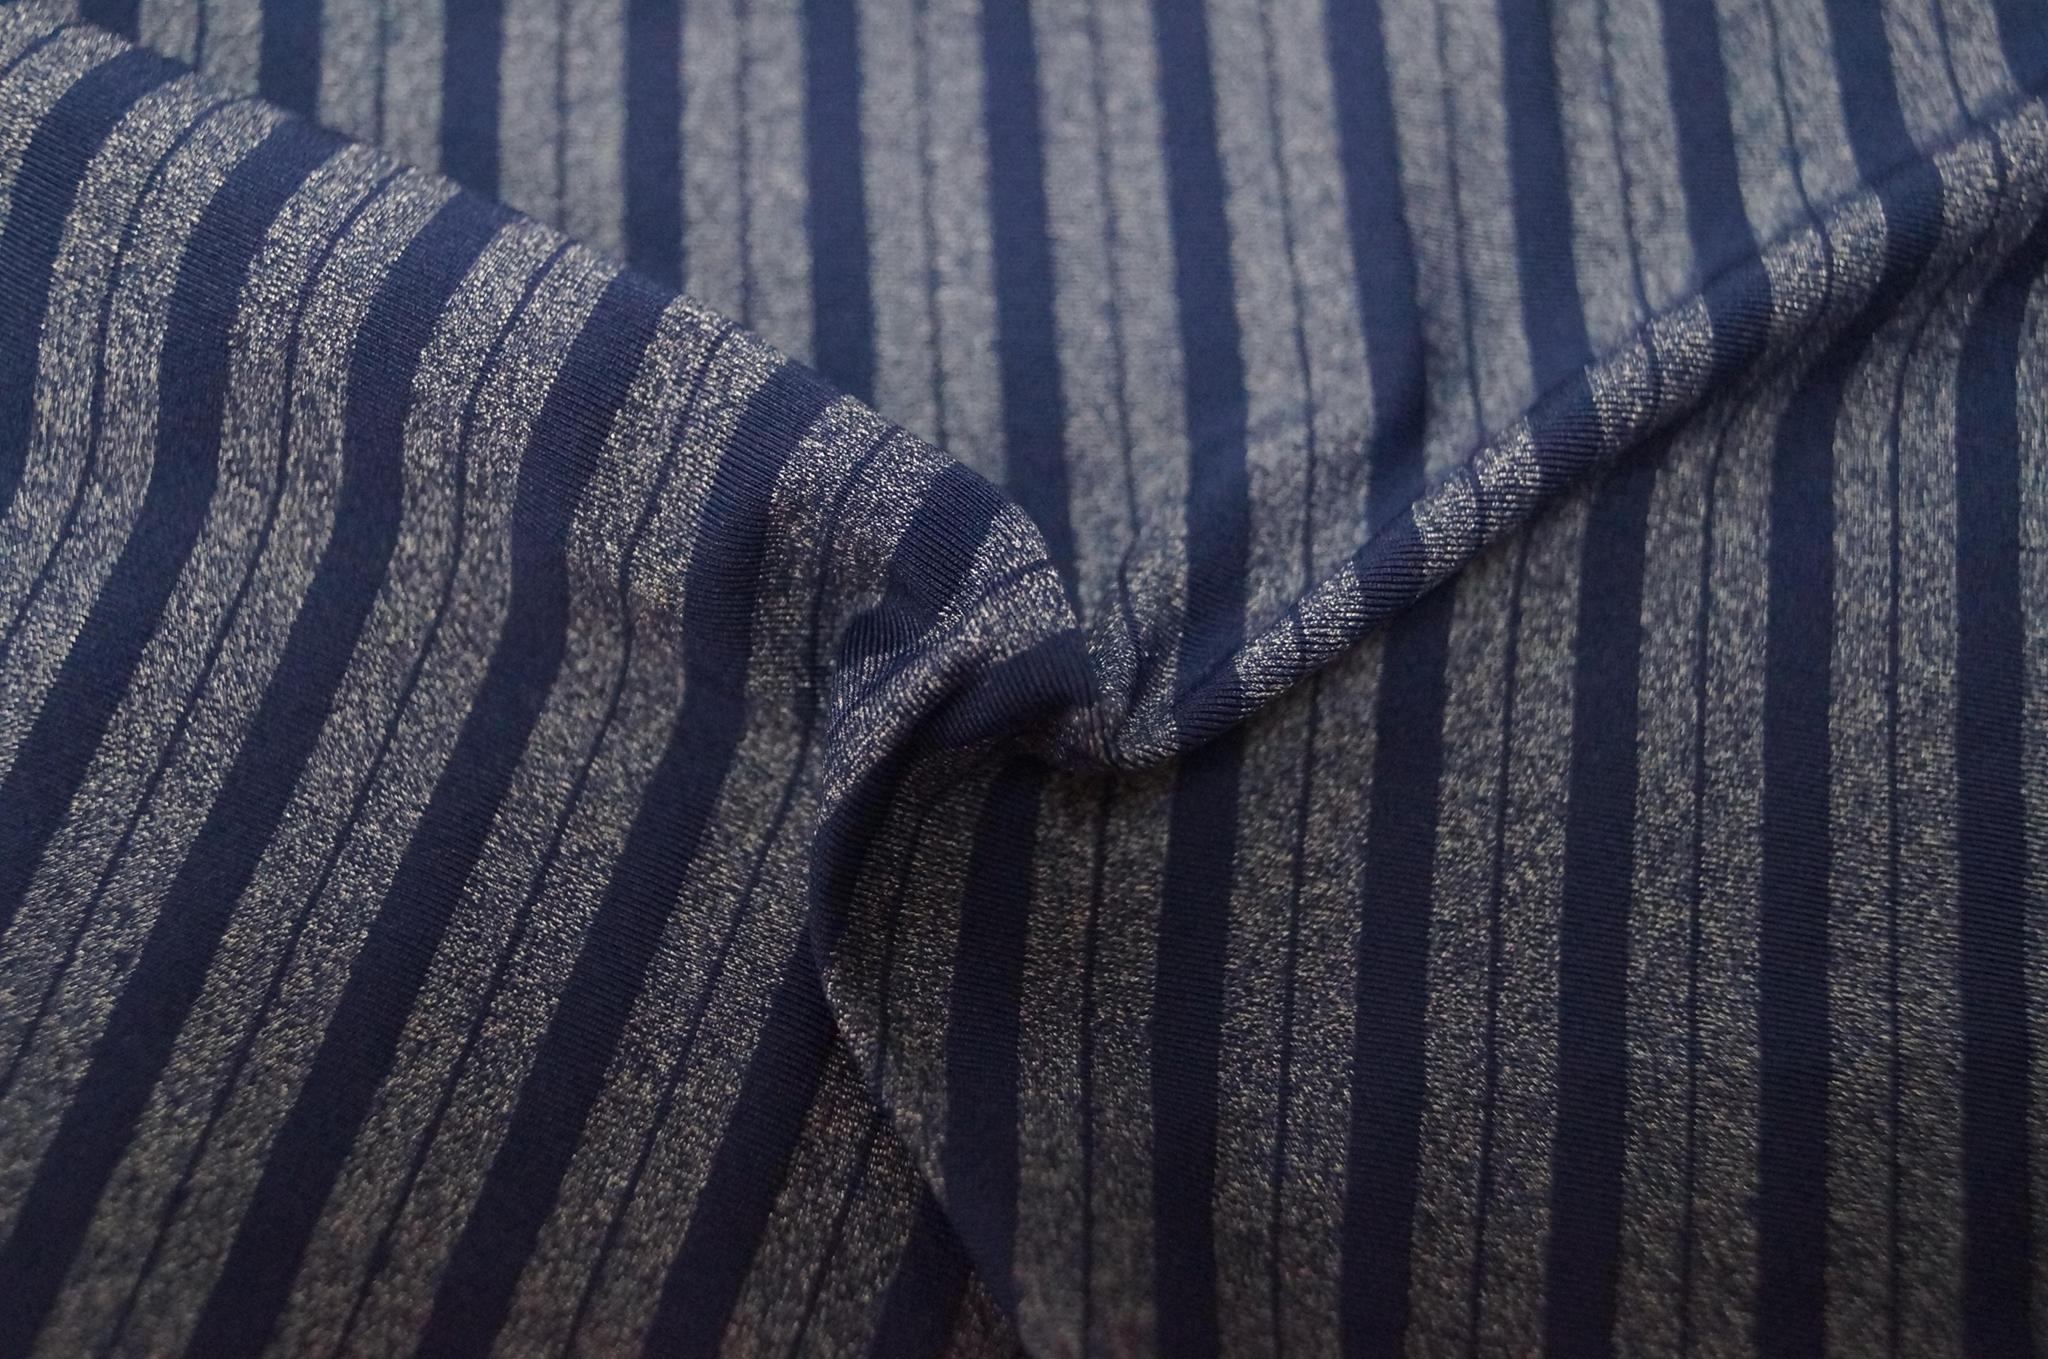 锦纶涤纶氨纶拉架条子条纹皱布泡泡布色织针织面料 4